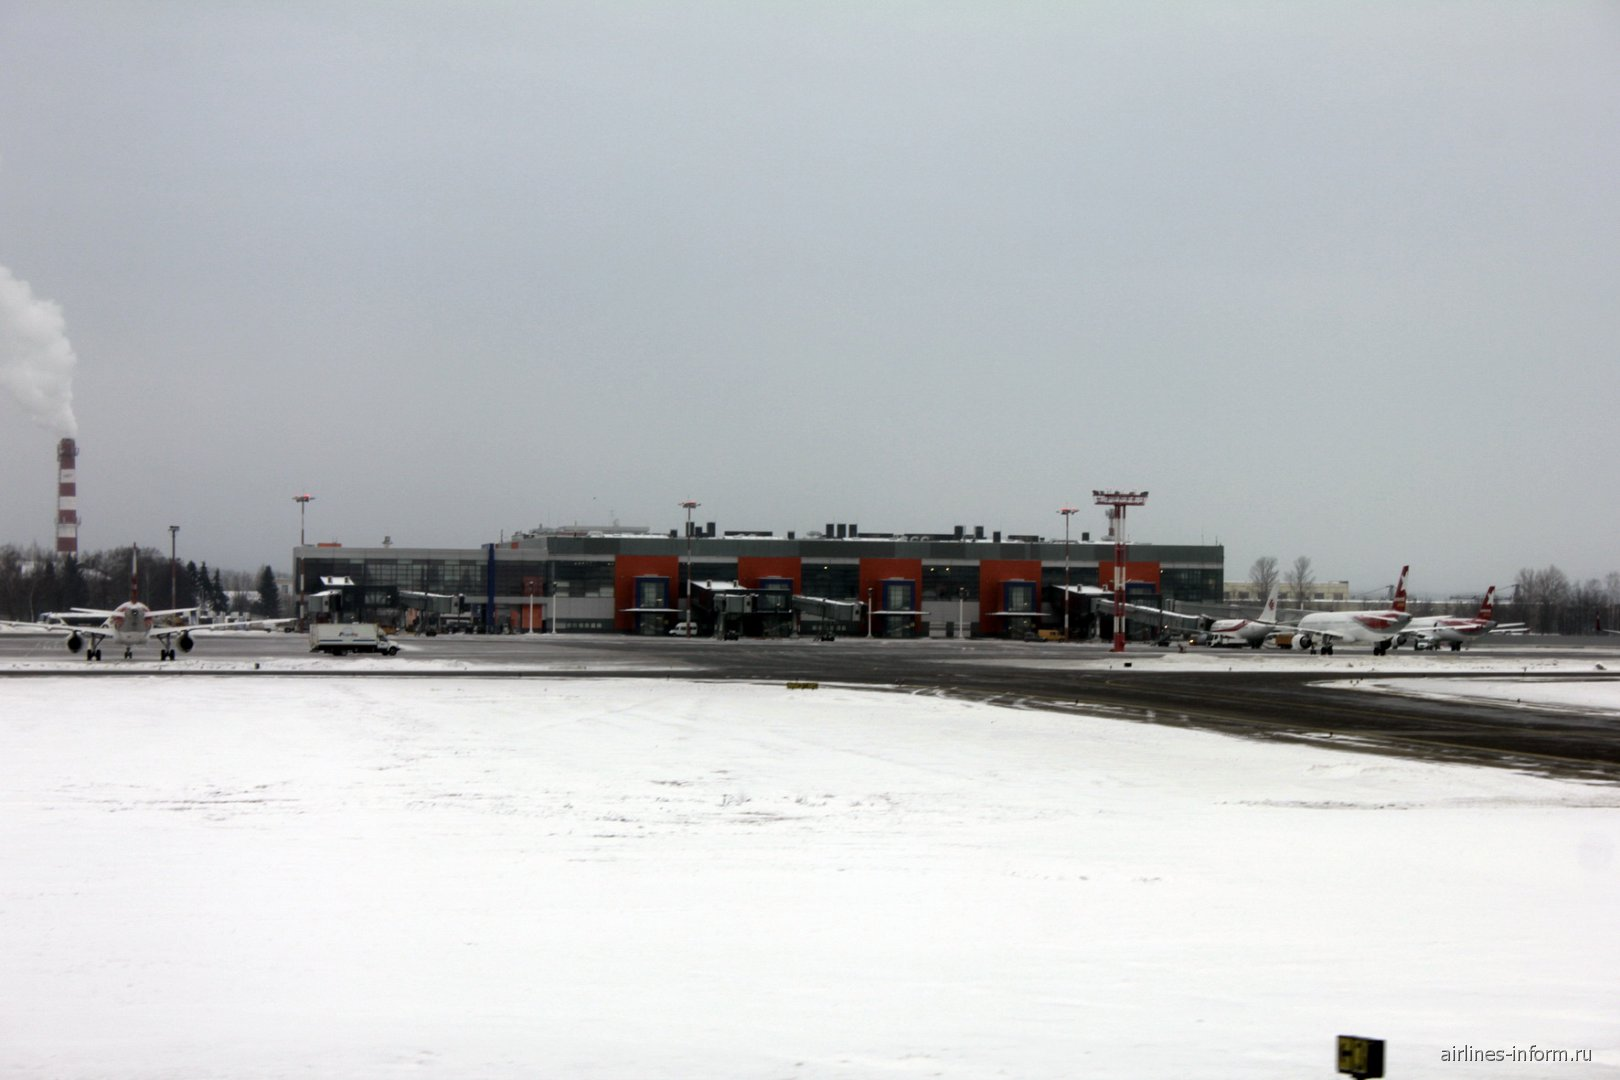 Терминал C аэропорта Москва Шереметьево со стороны перрона